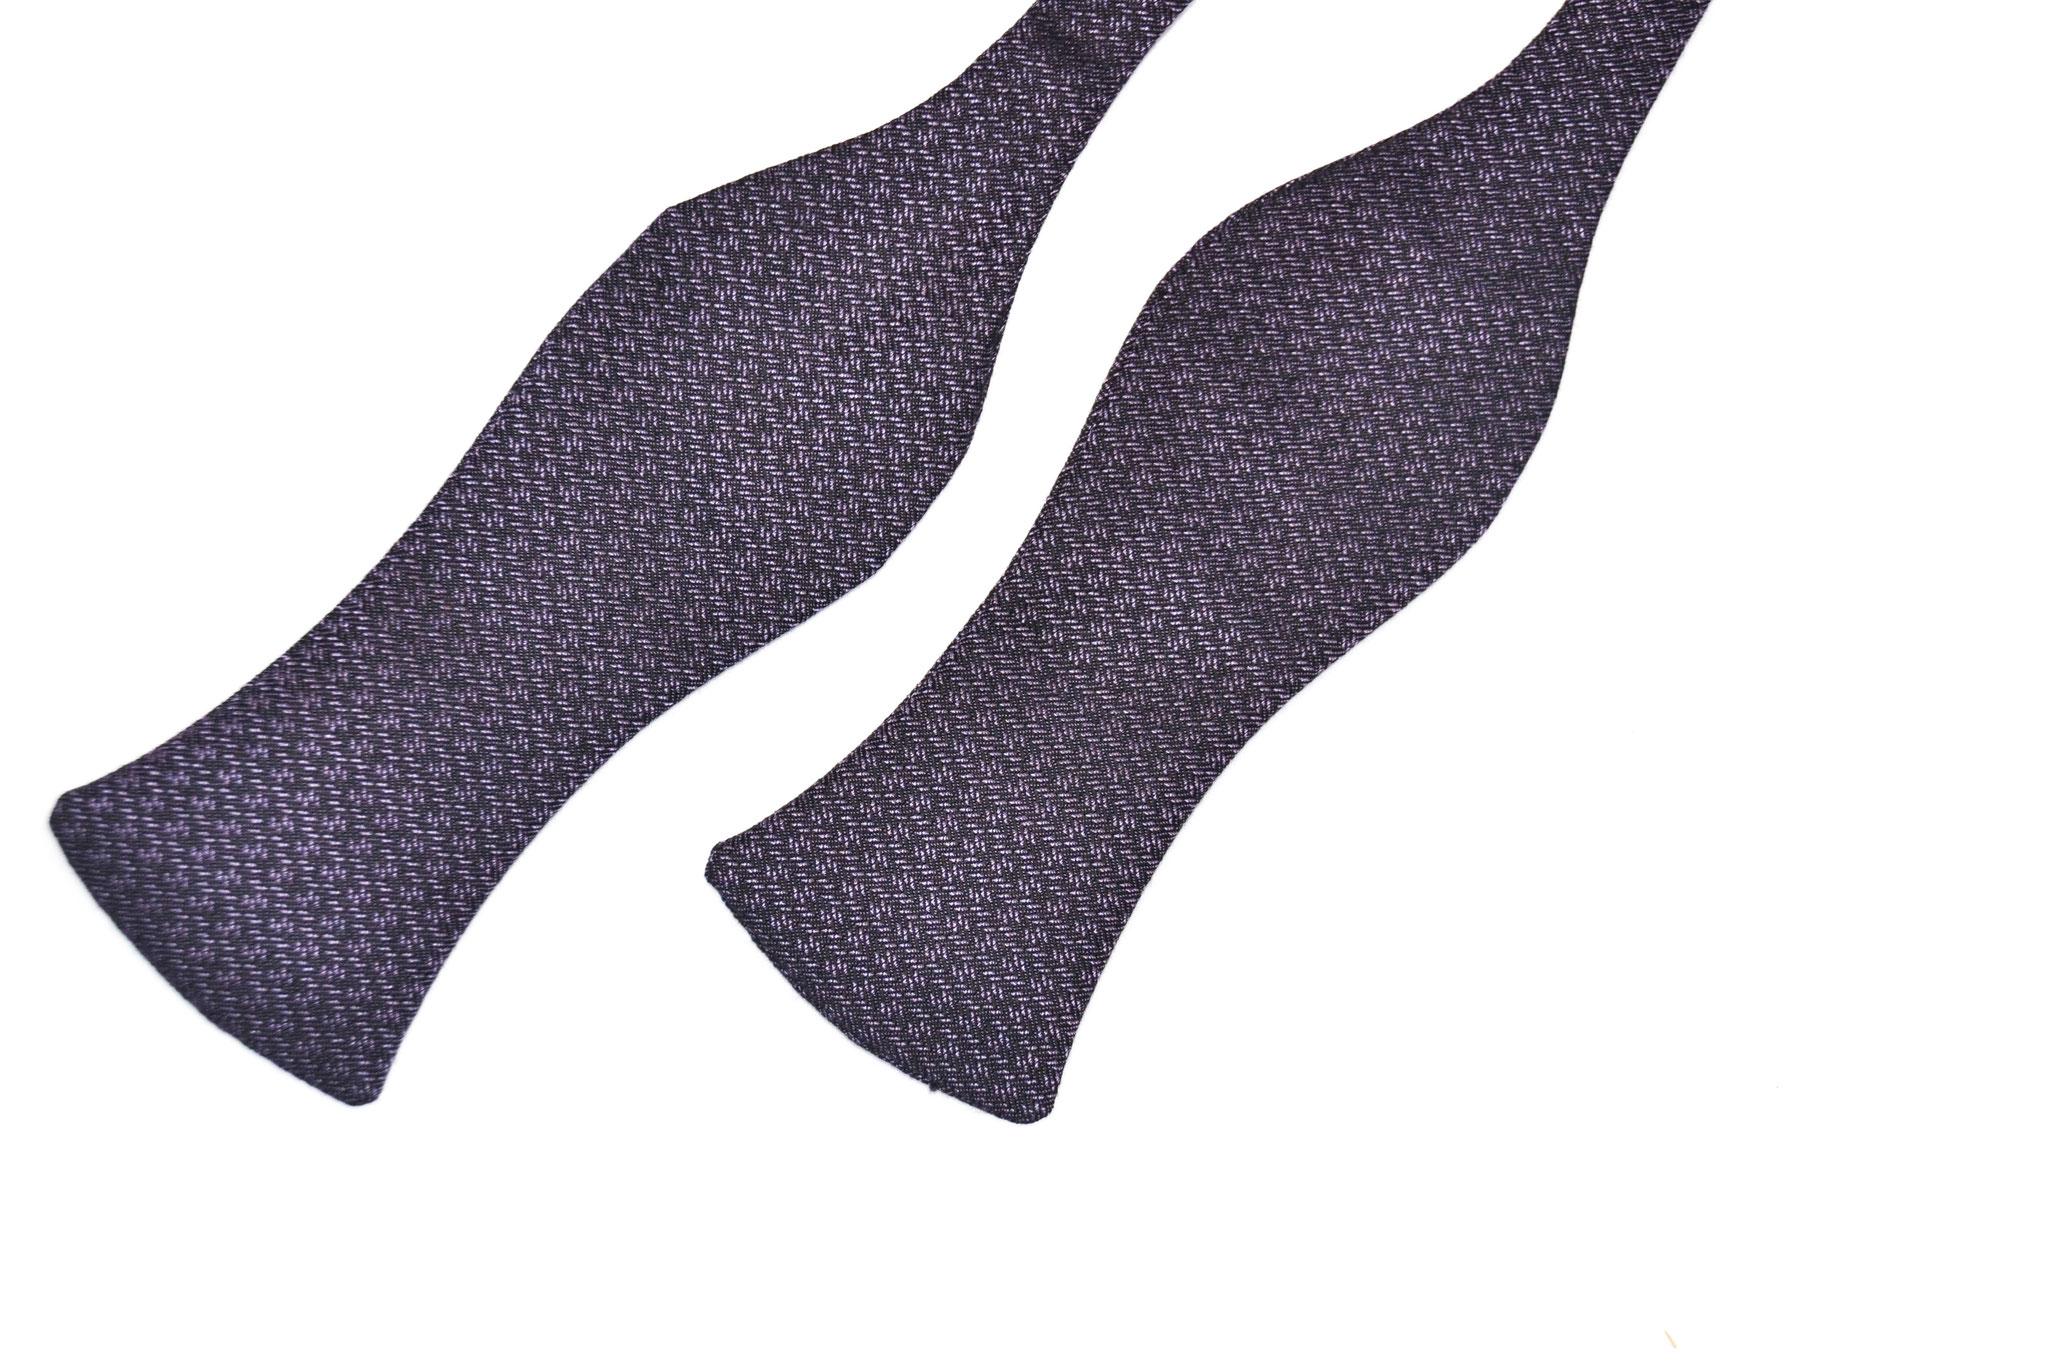 Herren Anzug Fliege zum selbstbinden in schwarz lila elegant- Schleife